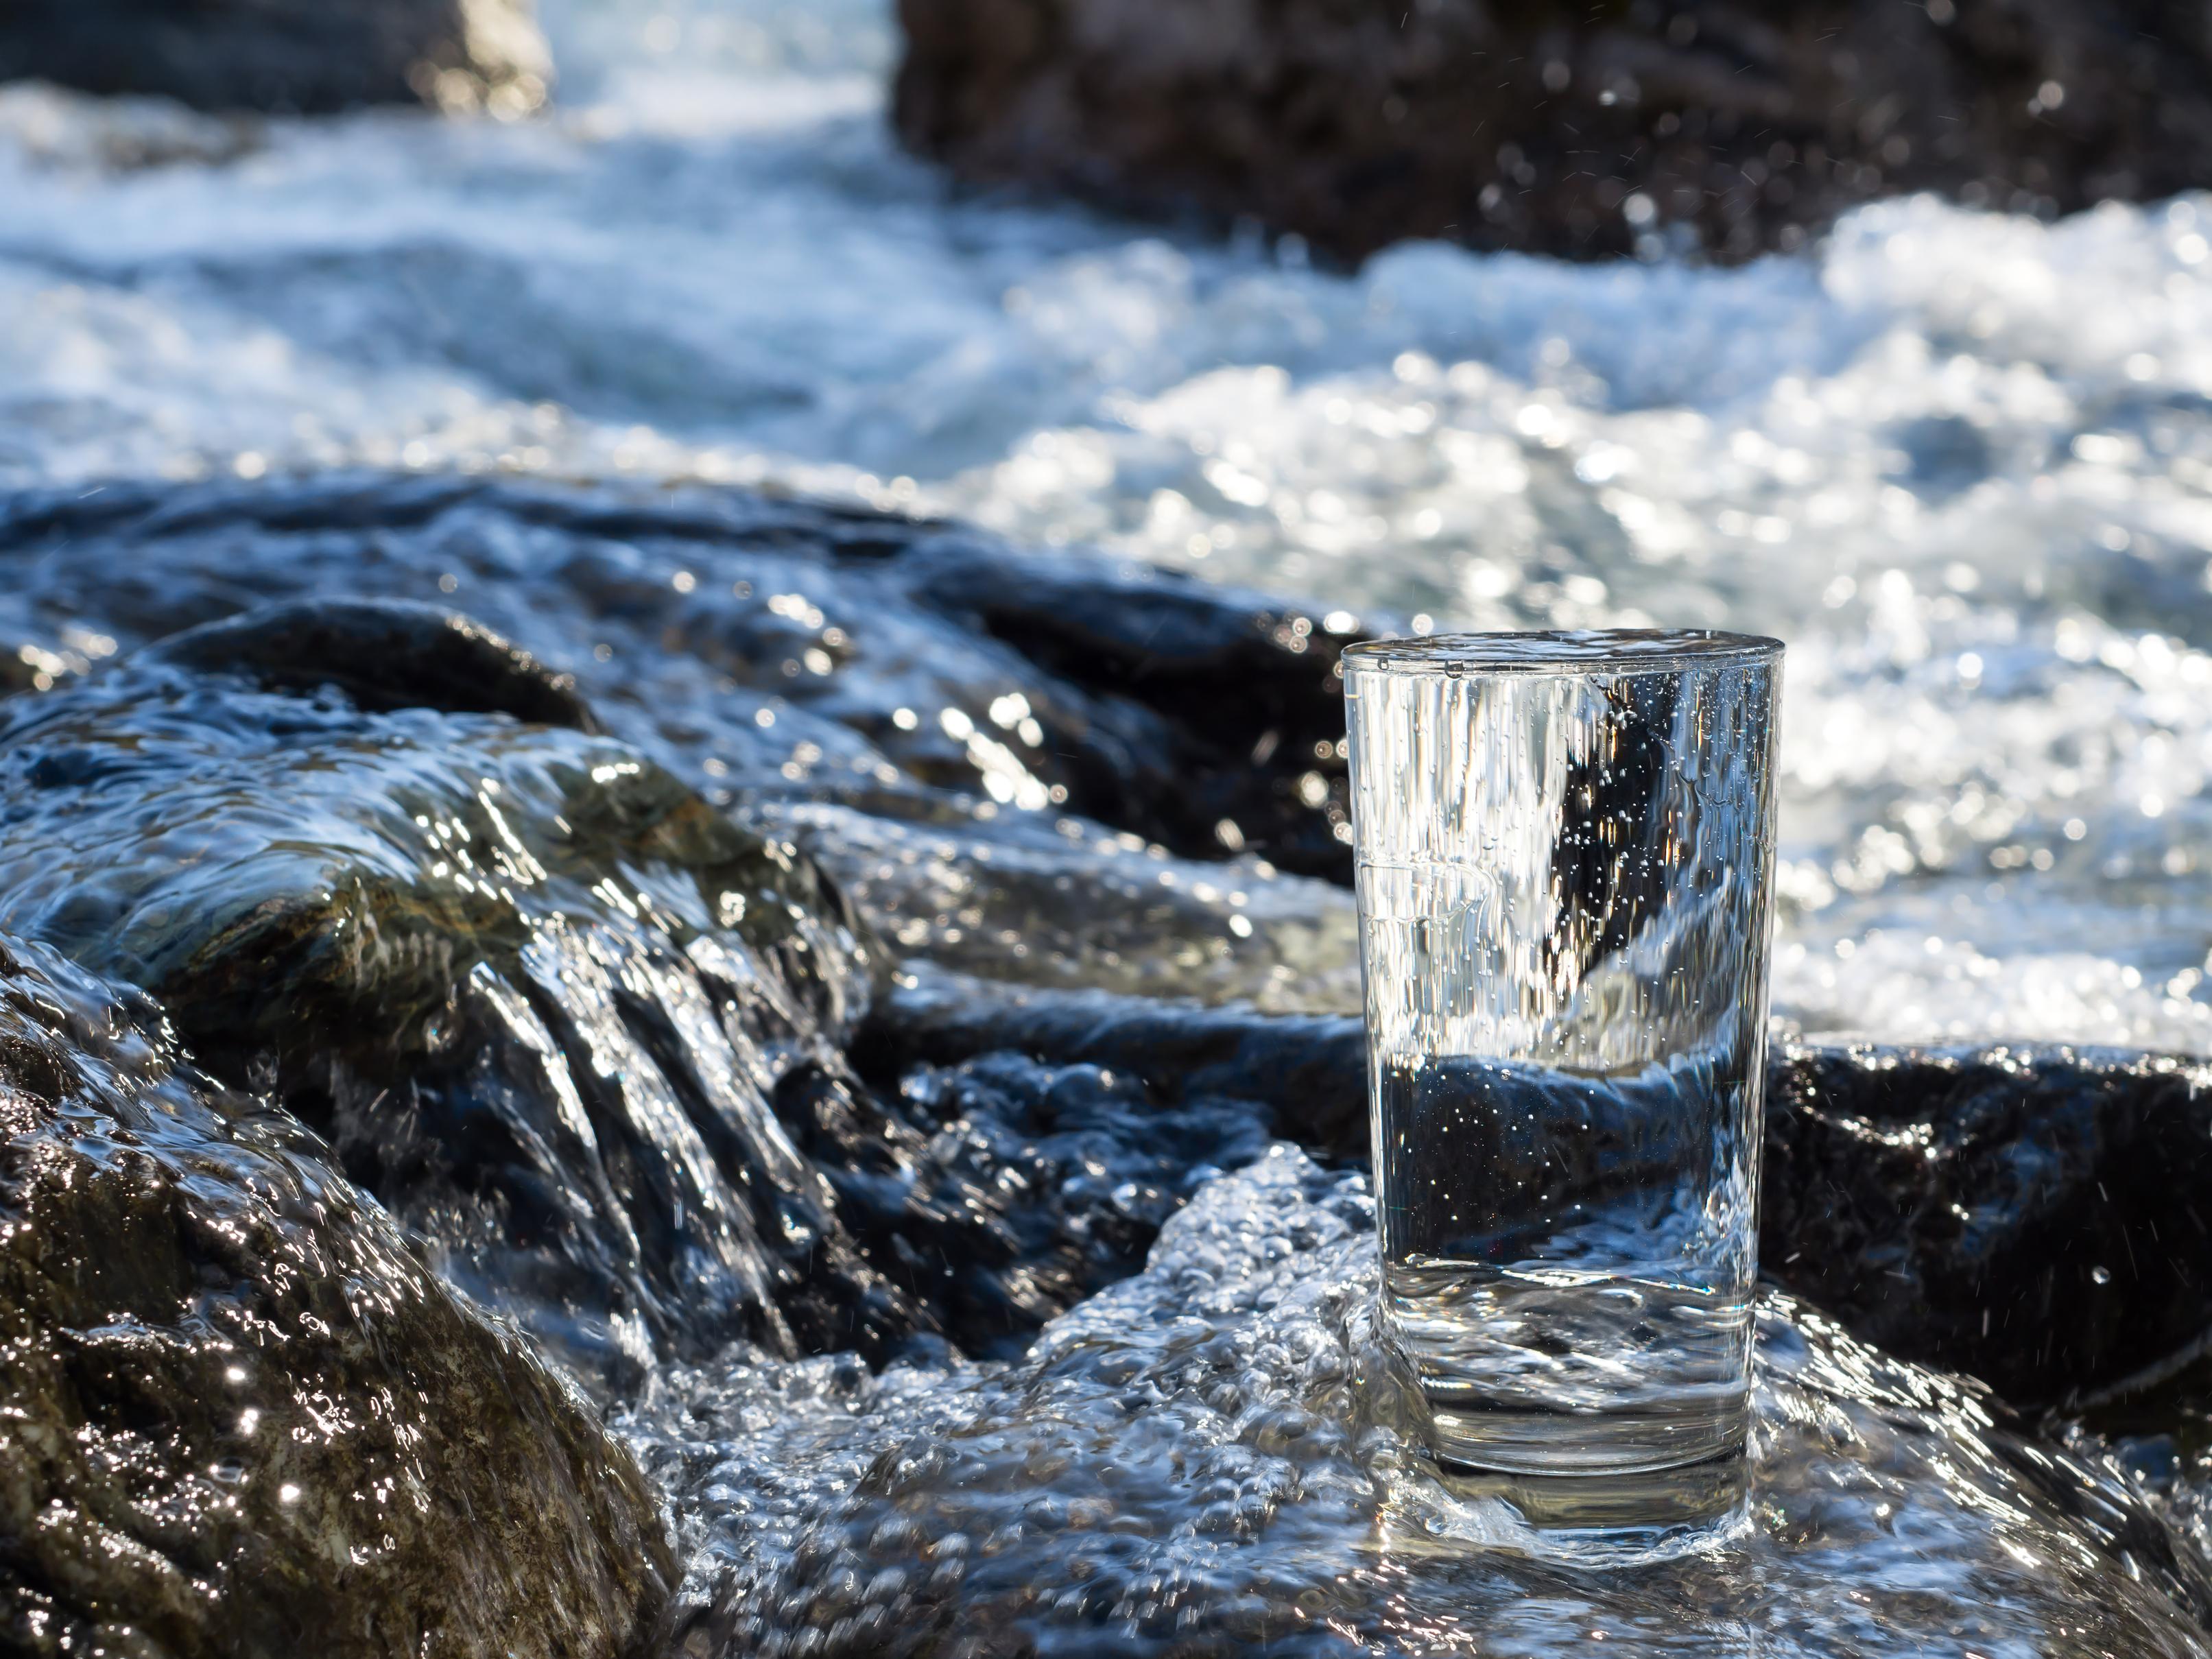 In Wasseraktien können Anleger über Wasserfonds nachhaltig investieren. Auf welche Aktien setzen diese Fonds und bringen sie eine überzeugende Rendite? Wo unterscheiden sich die Anlagestrategien der Wasserfonds? Handelt es sich bei ihnen wirklich um ein nachhaltiges Investment? Diesen und weiteren Fragen ist ECOreporter.de im Vergleichstest von Wasserfonds nachgegangen. / Foto: Arttim-Fotolia